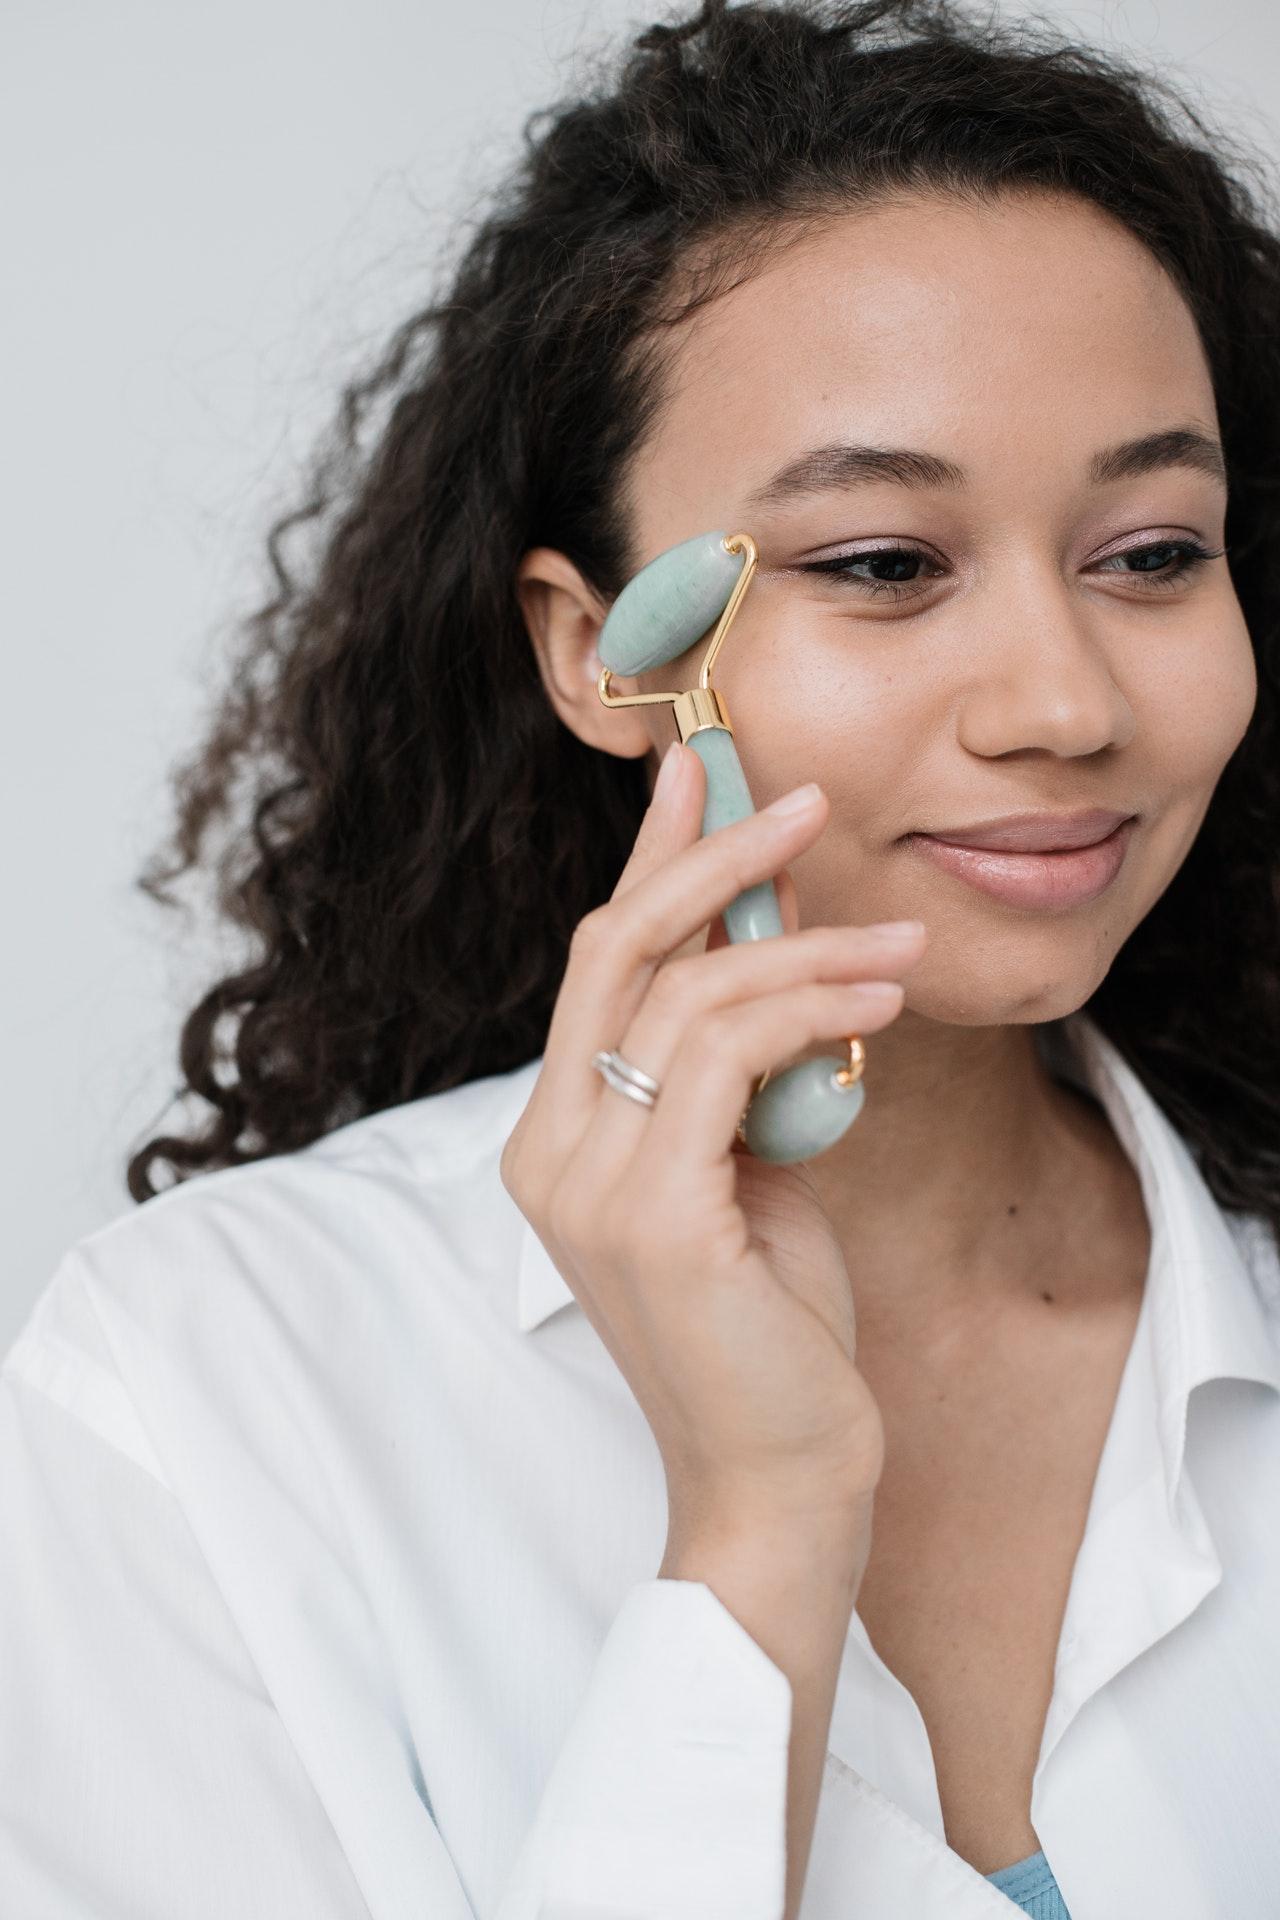 ¿Cómo hacer doble limpieza facial?